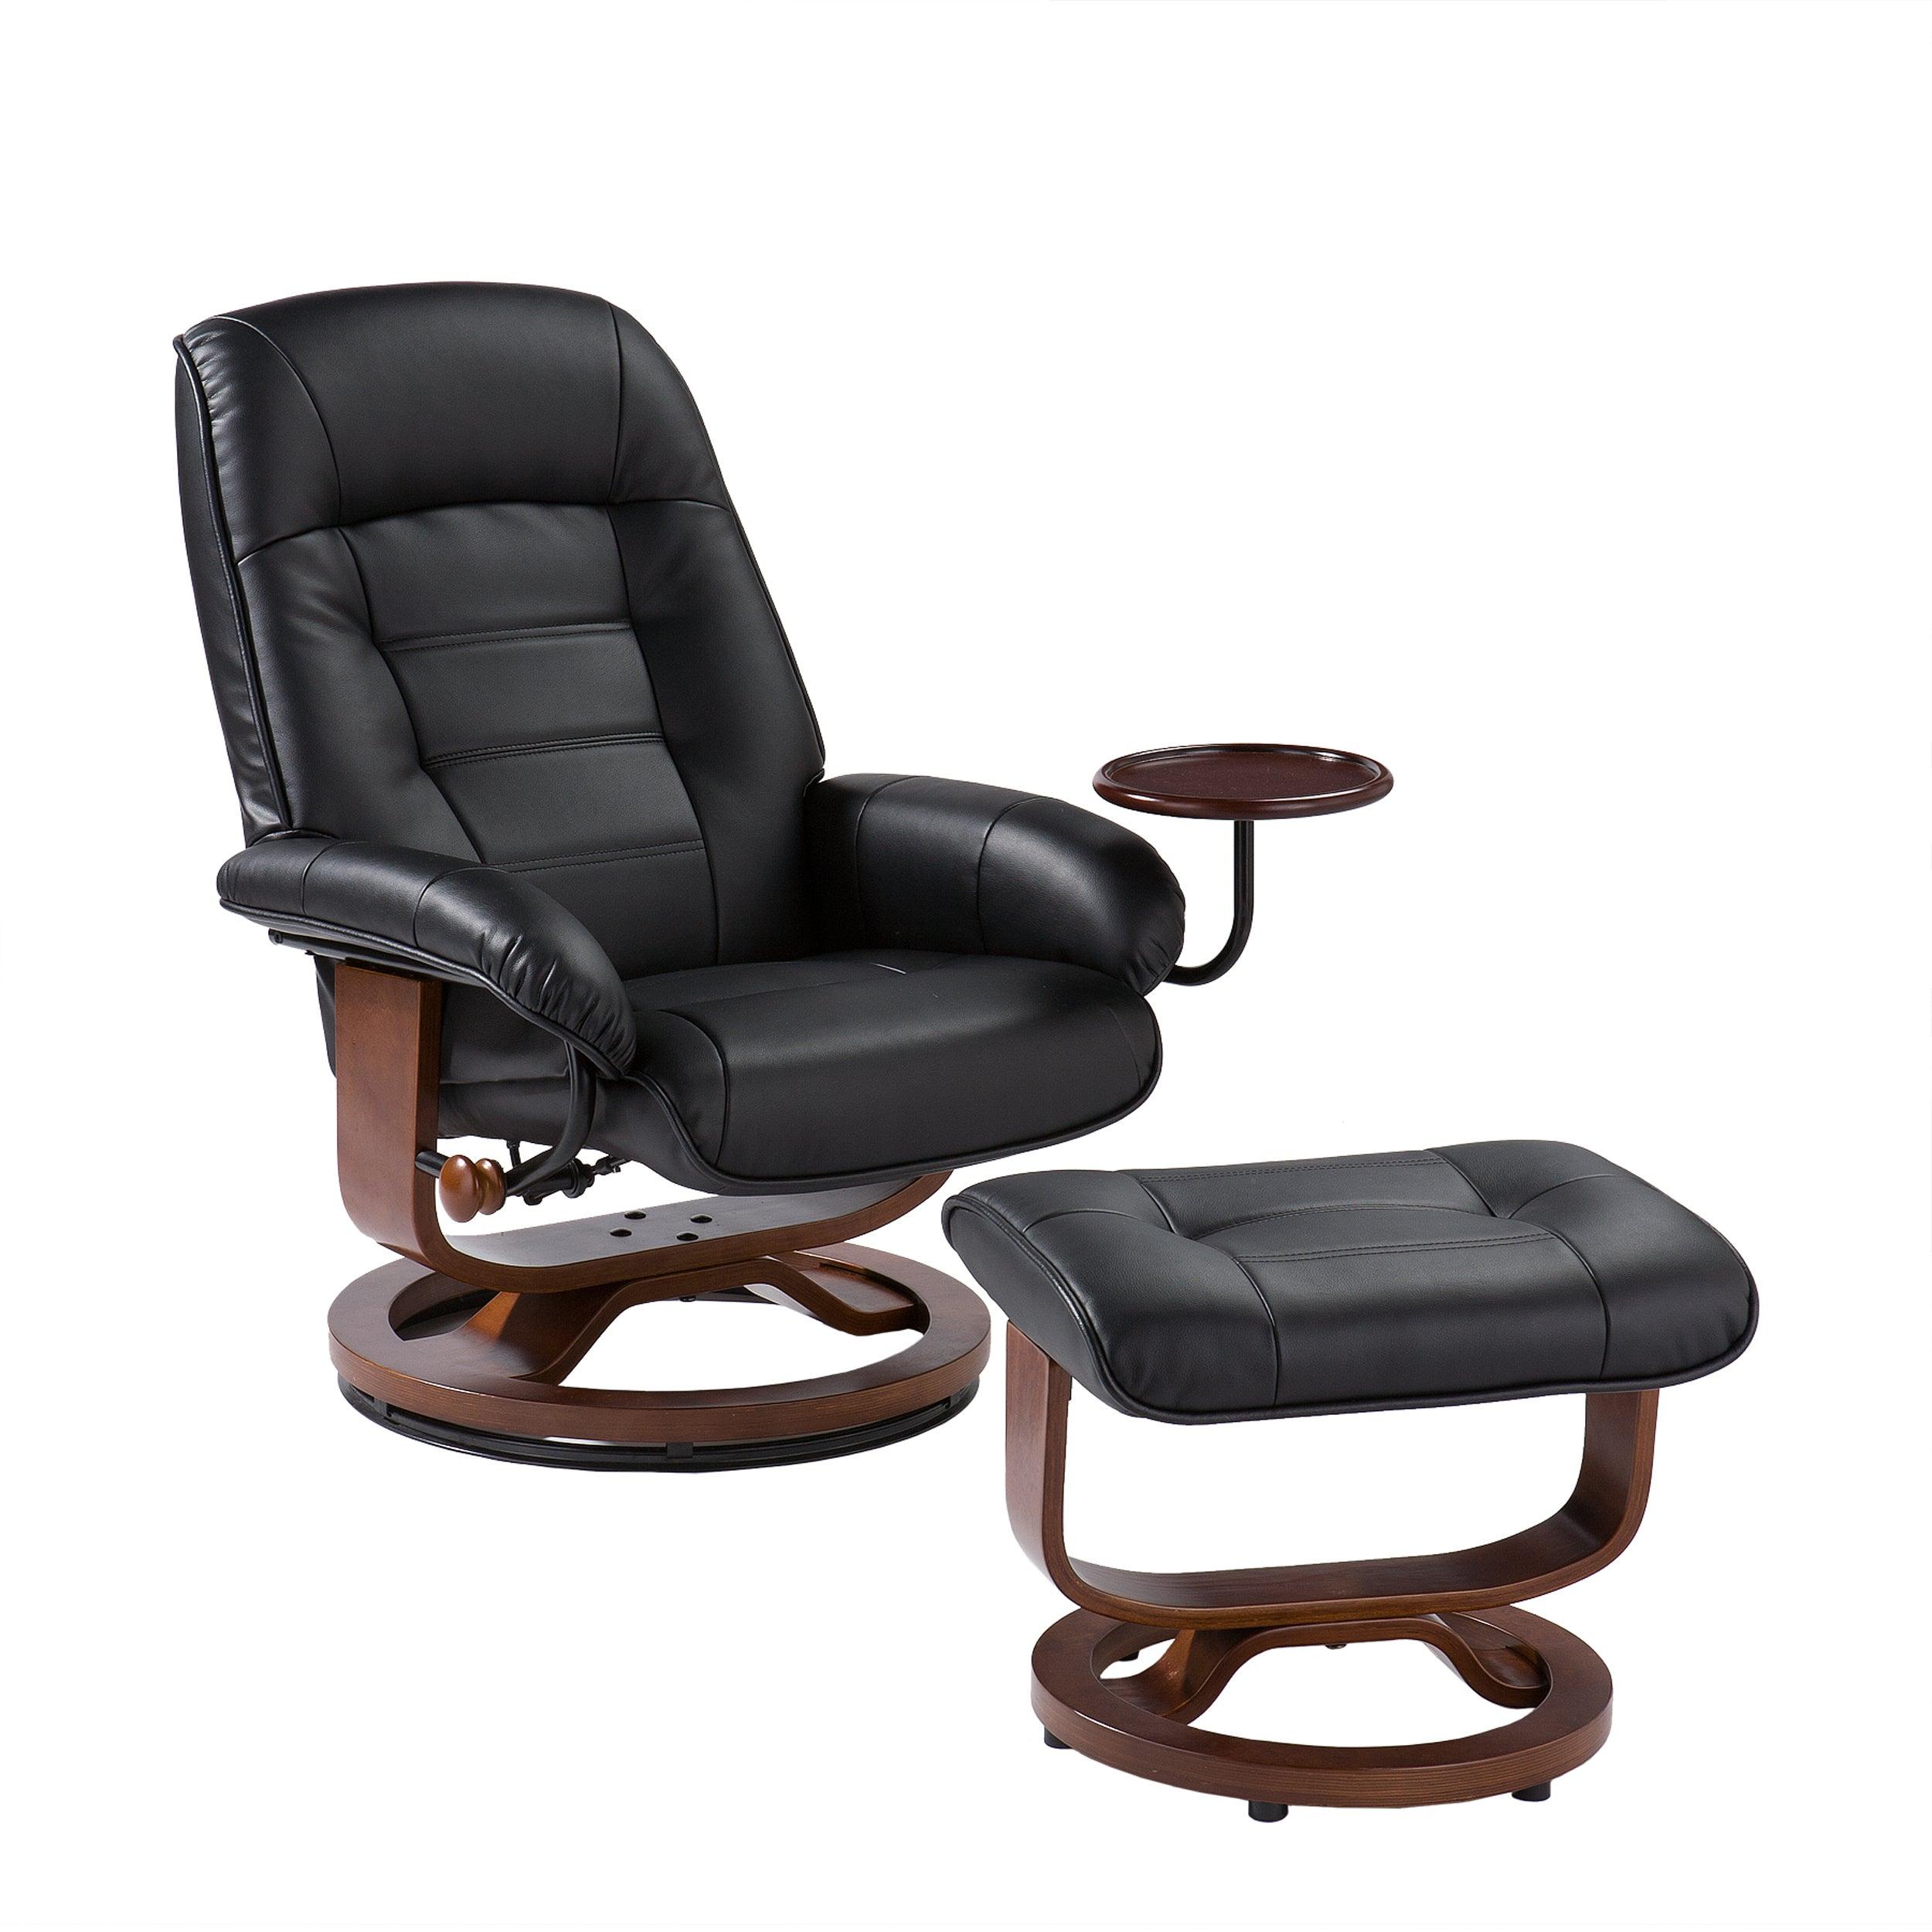 shop harper blvd windsor black leather recliner and ottoman set